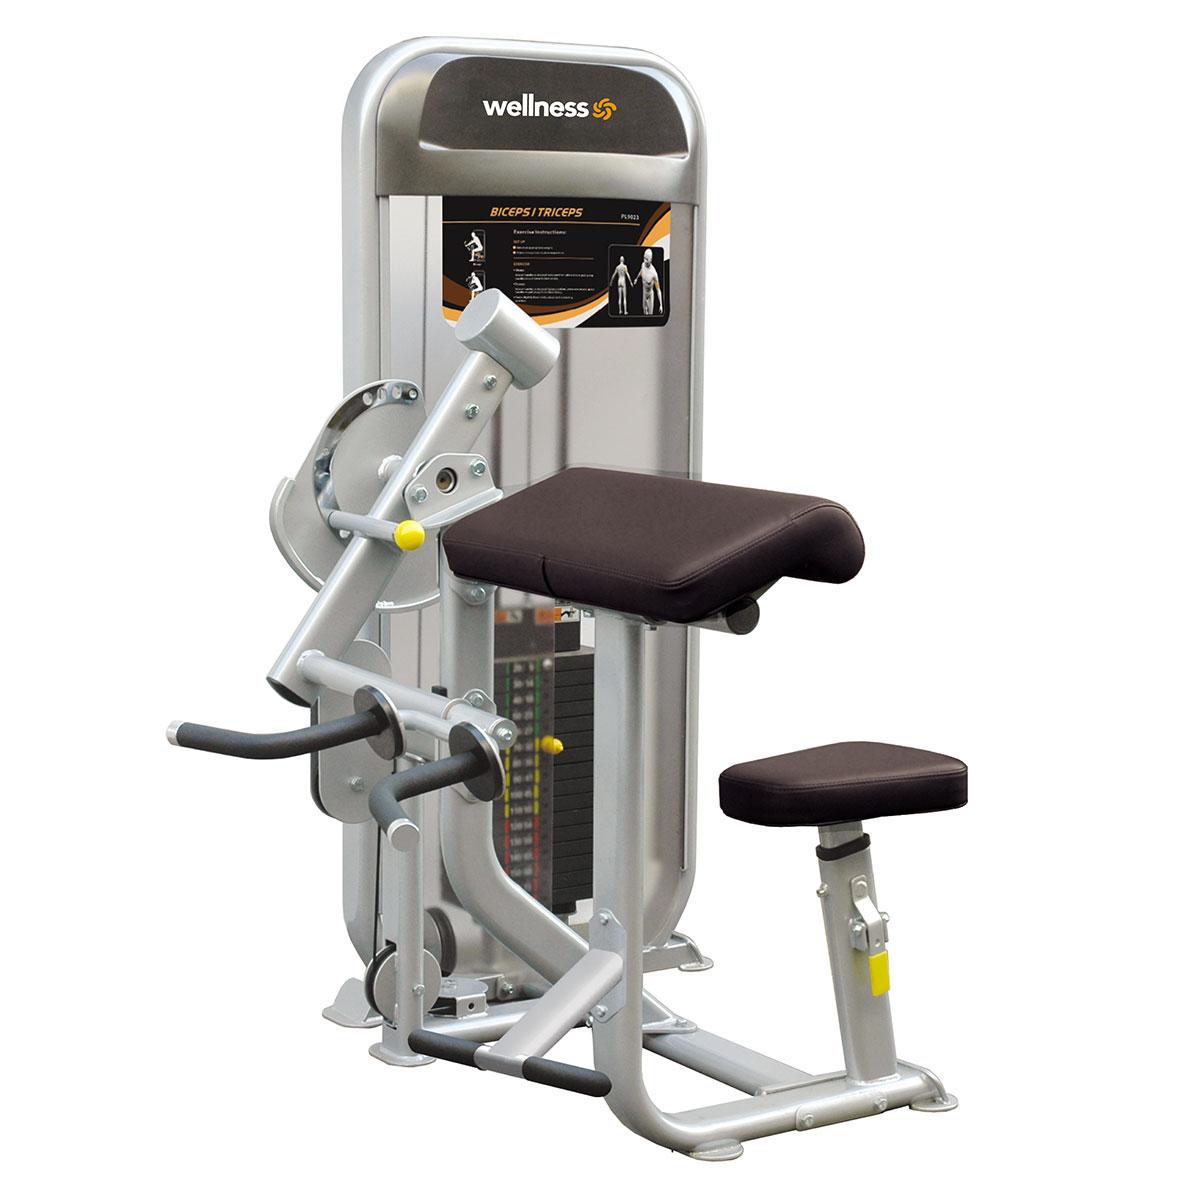 Biceps/Triceps  - Plamax Dual Series Wellness